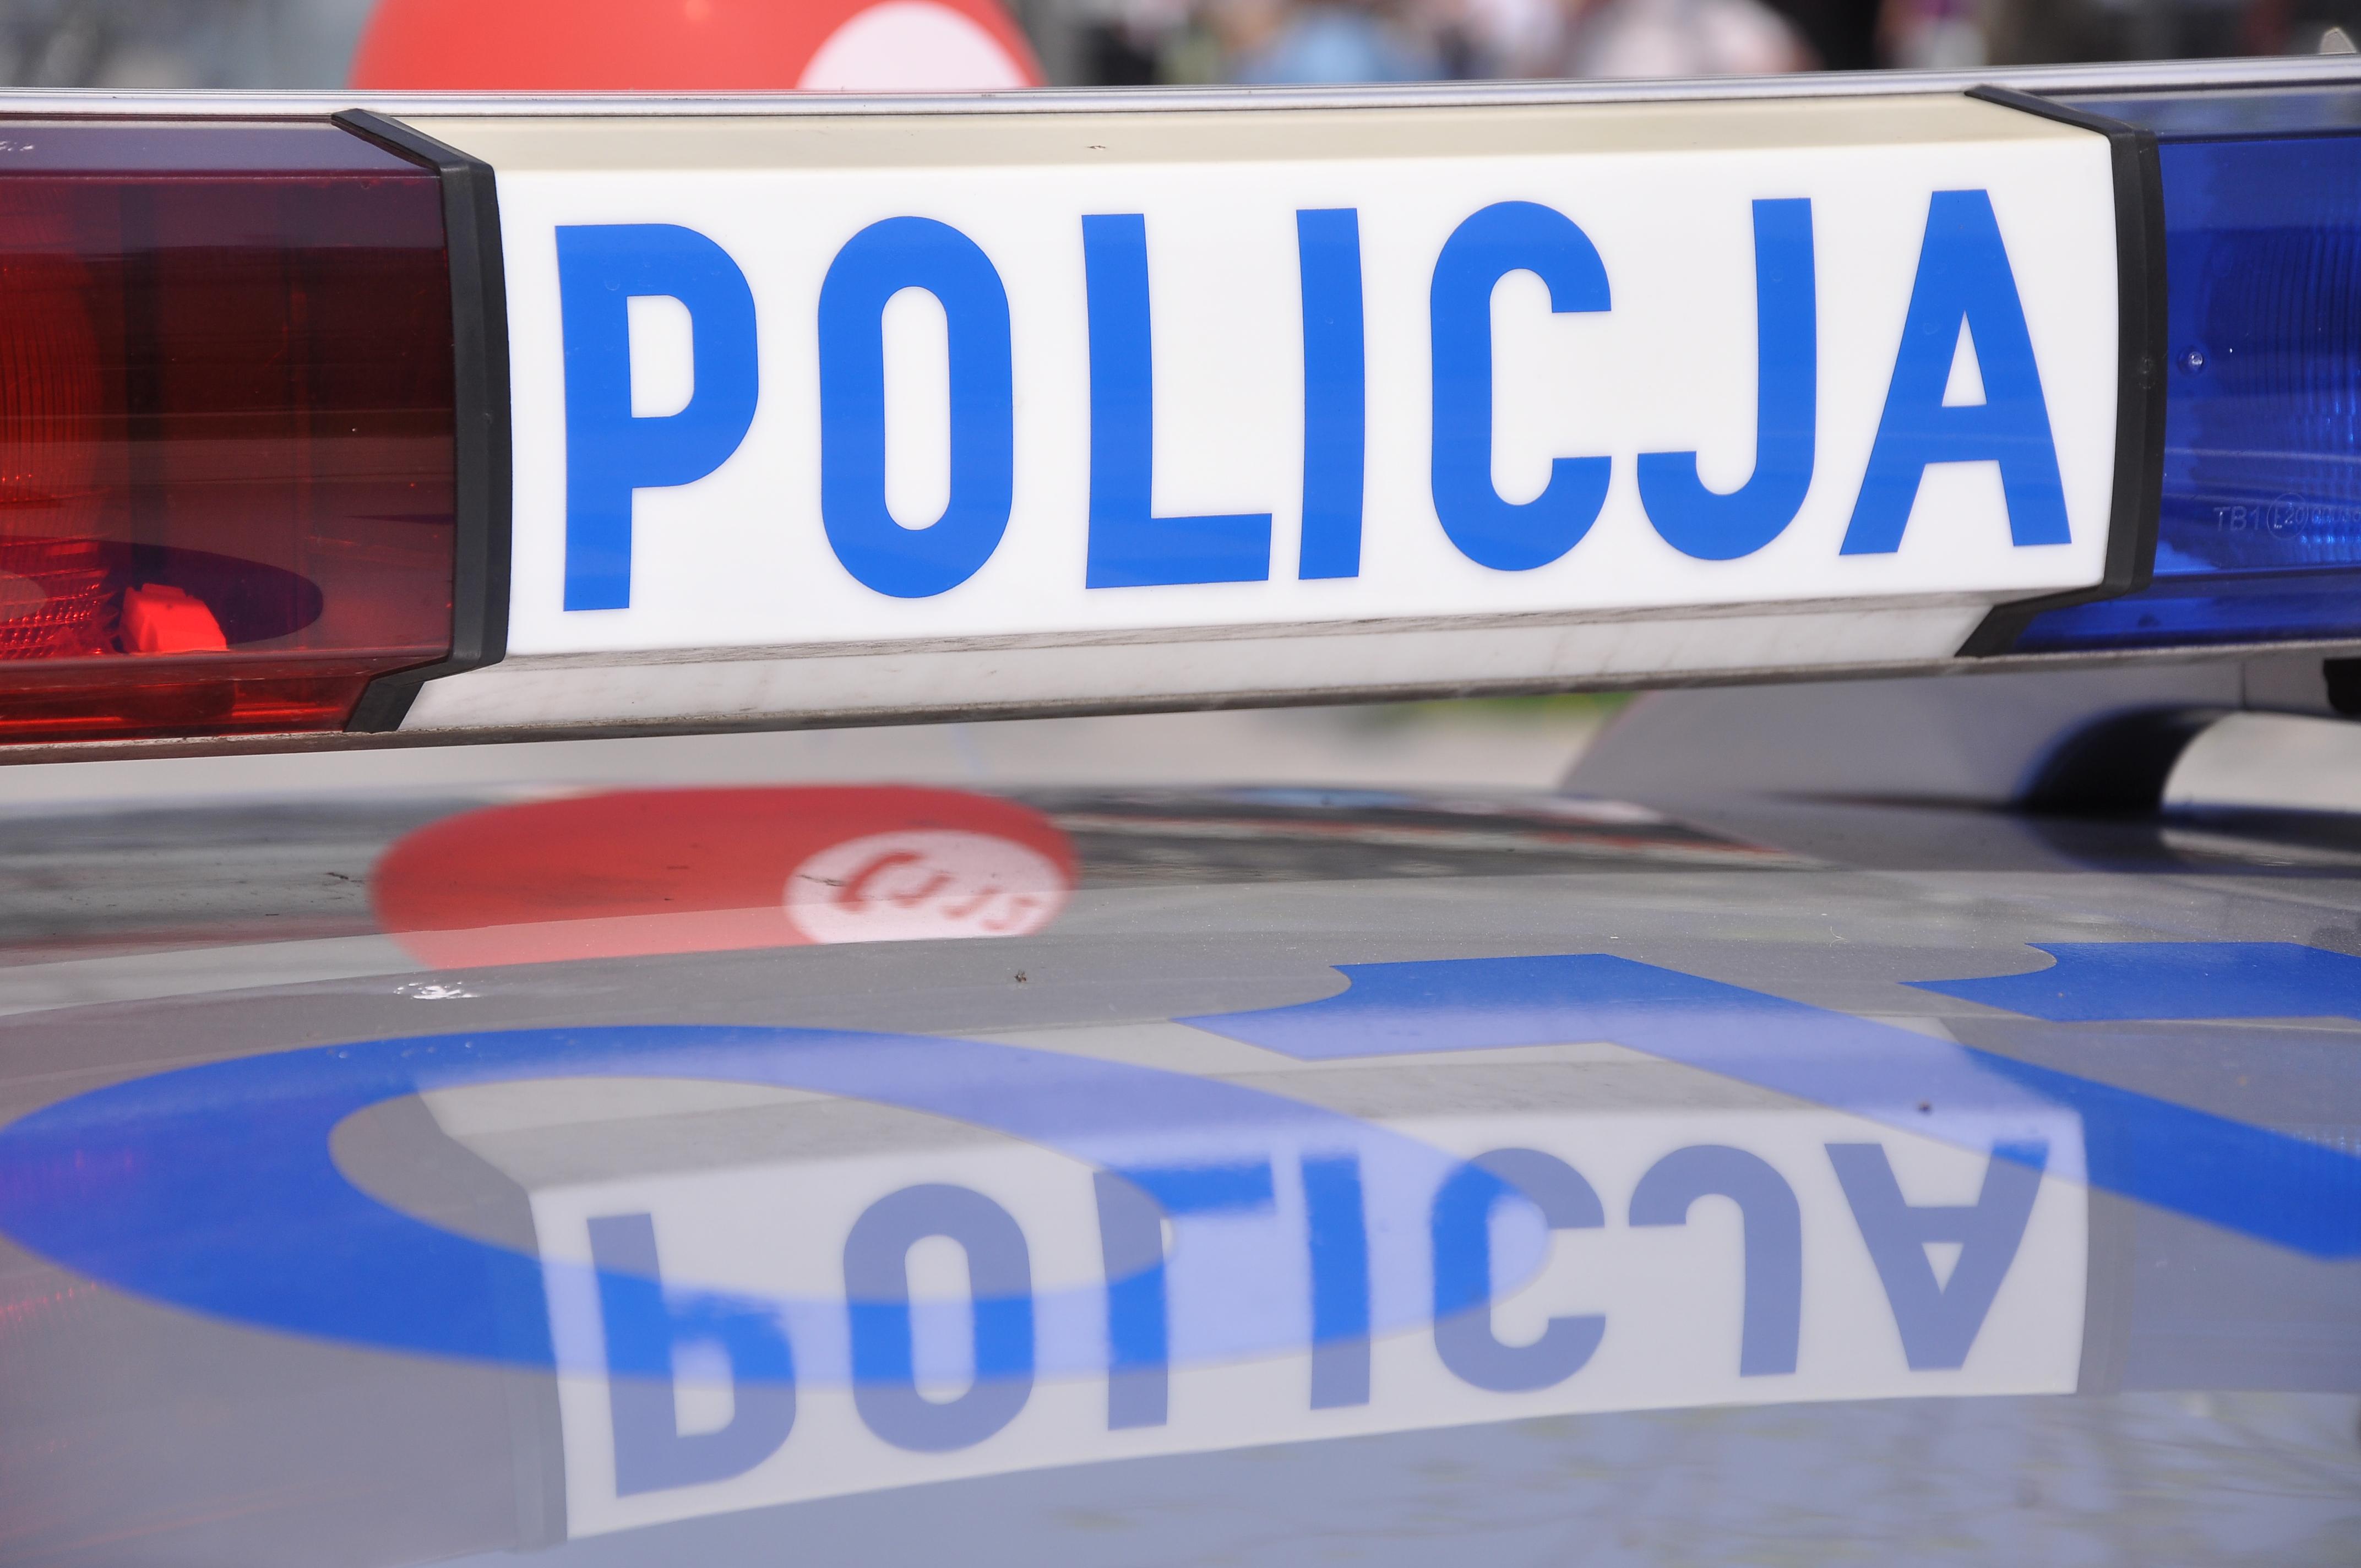 Tarnów: Sprawca zniszczenia 17 samochodów w rękach policjantów